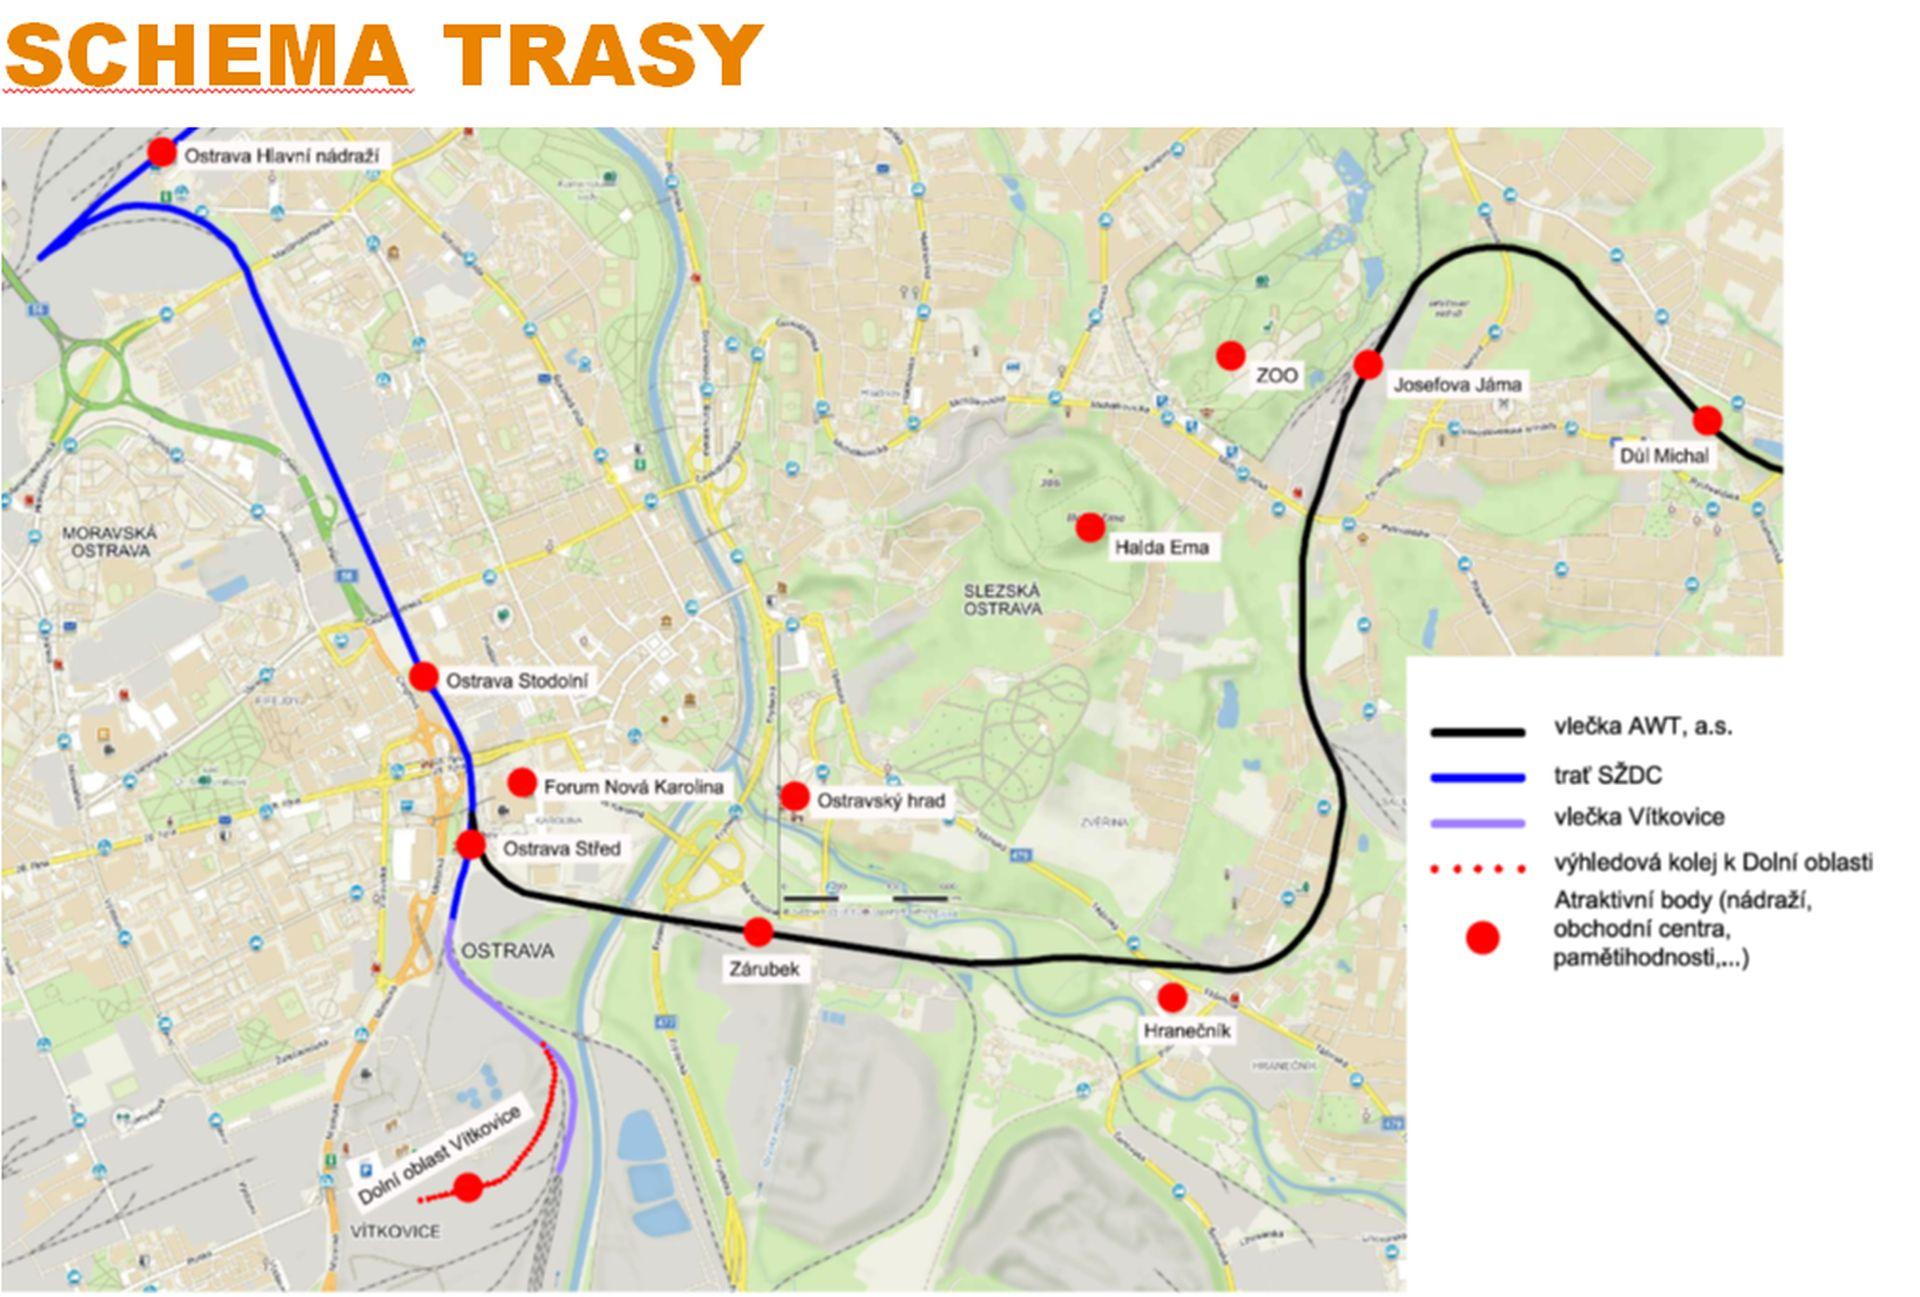 Schéma trasy možného nového osobního železničního spojení v Ostravě. Foto: Statutární město Ostrava